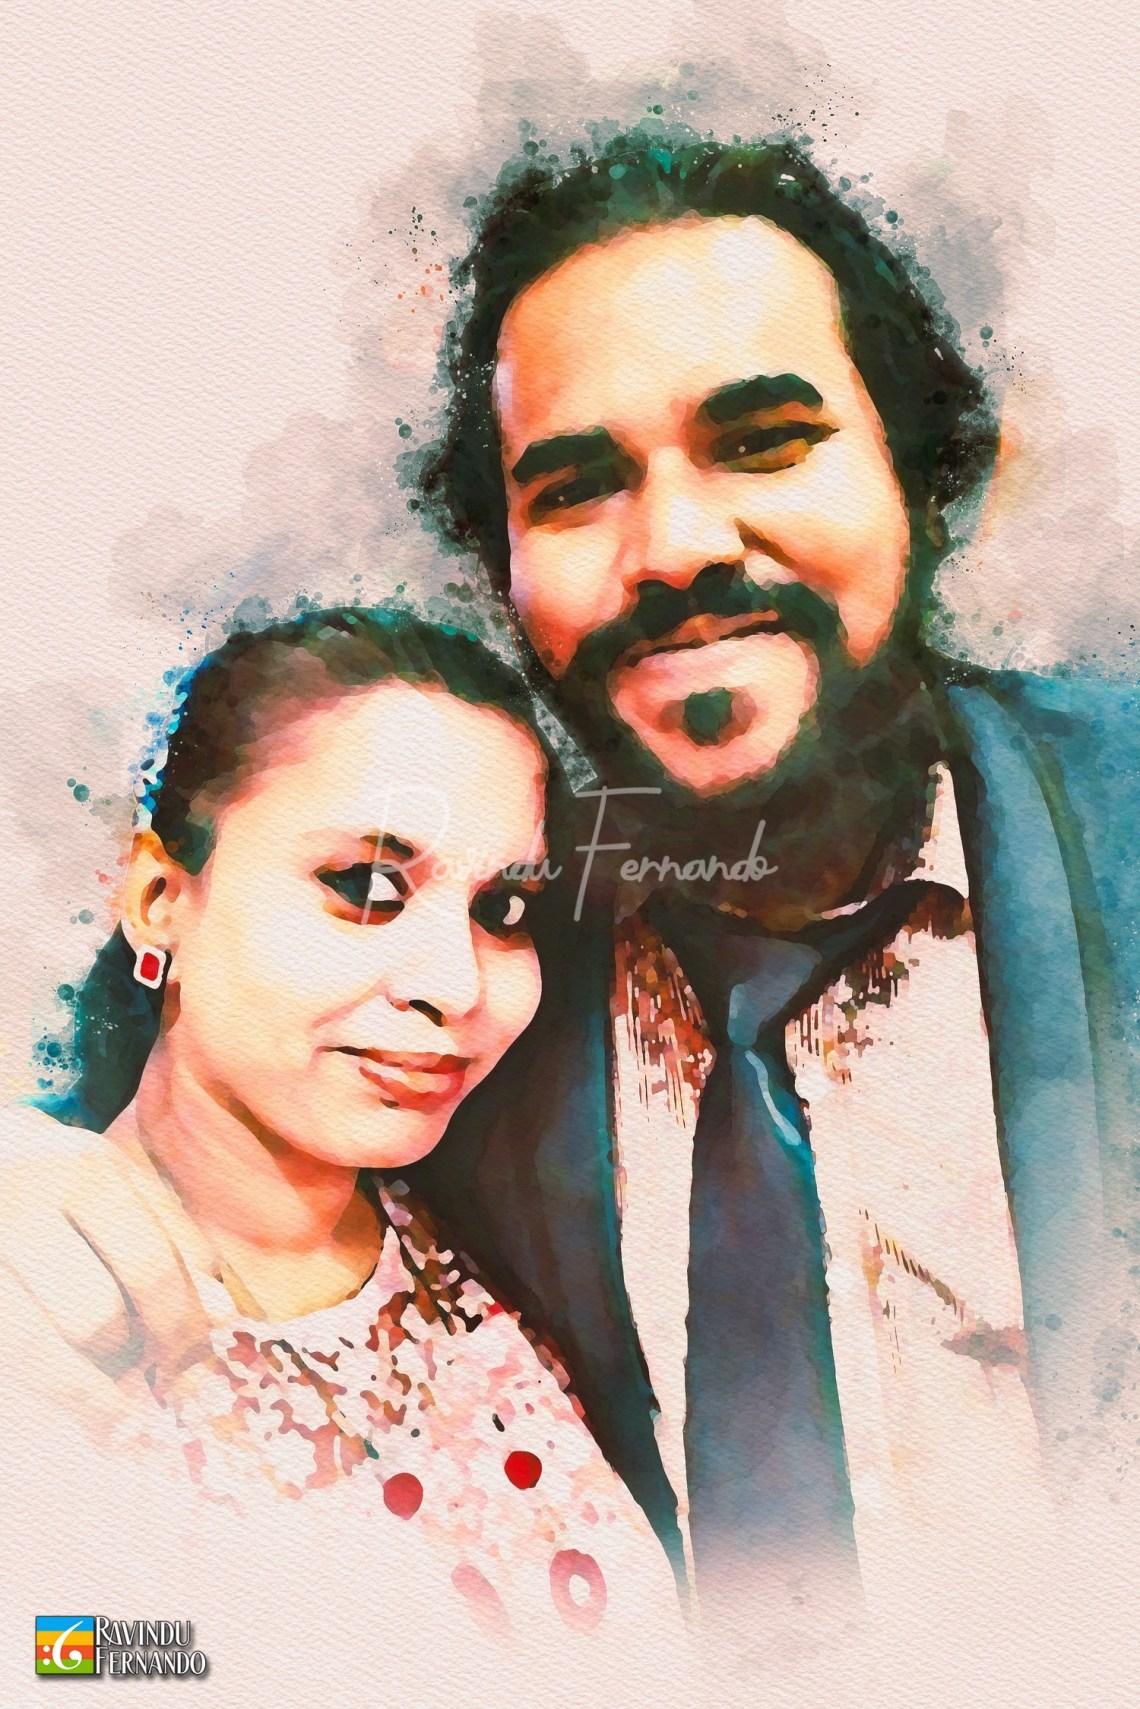 Lahiru Shehan and his wife - Digital Watercolor Painting